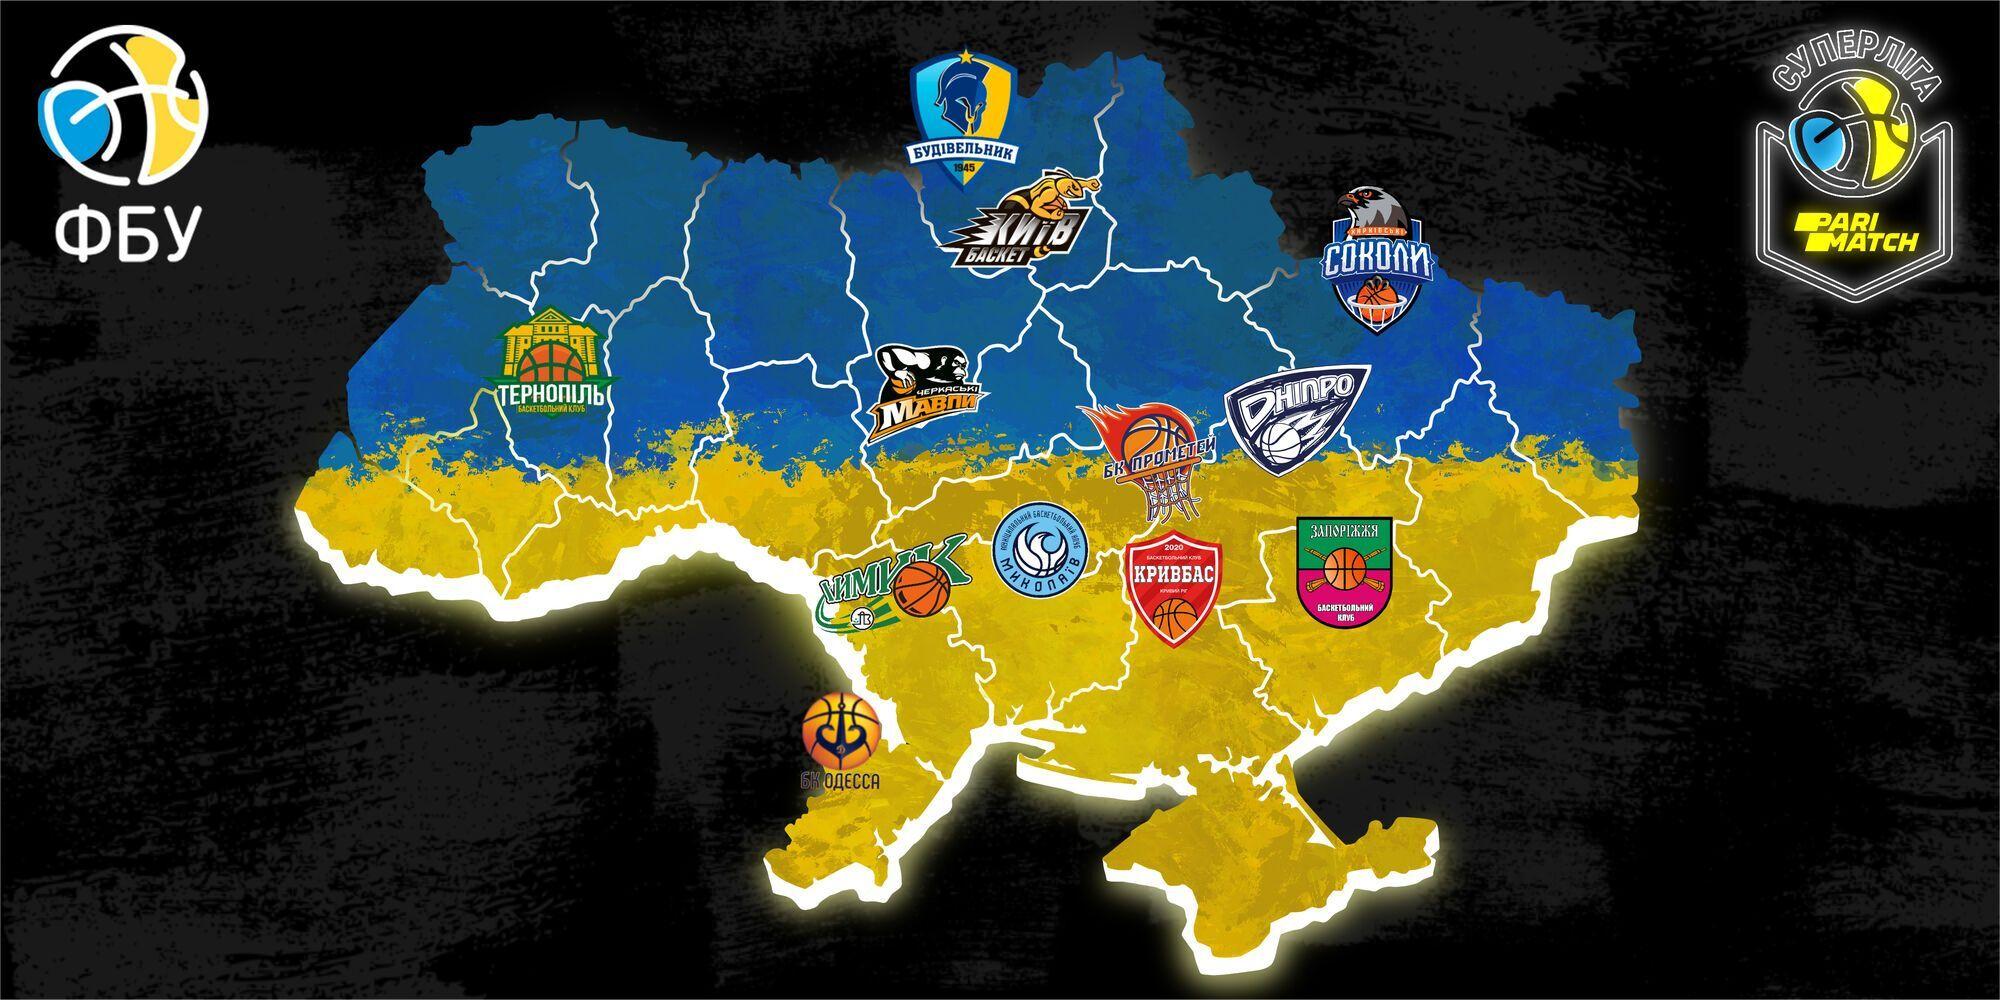 Територіальне розташування учасників Суперліги Паріматч